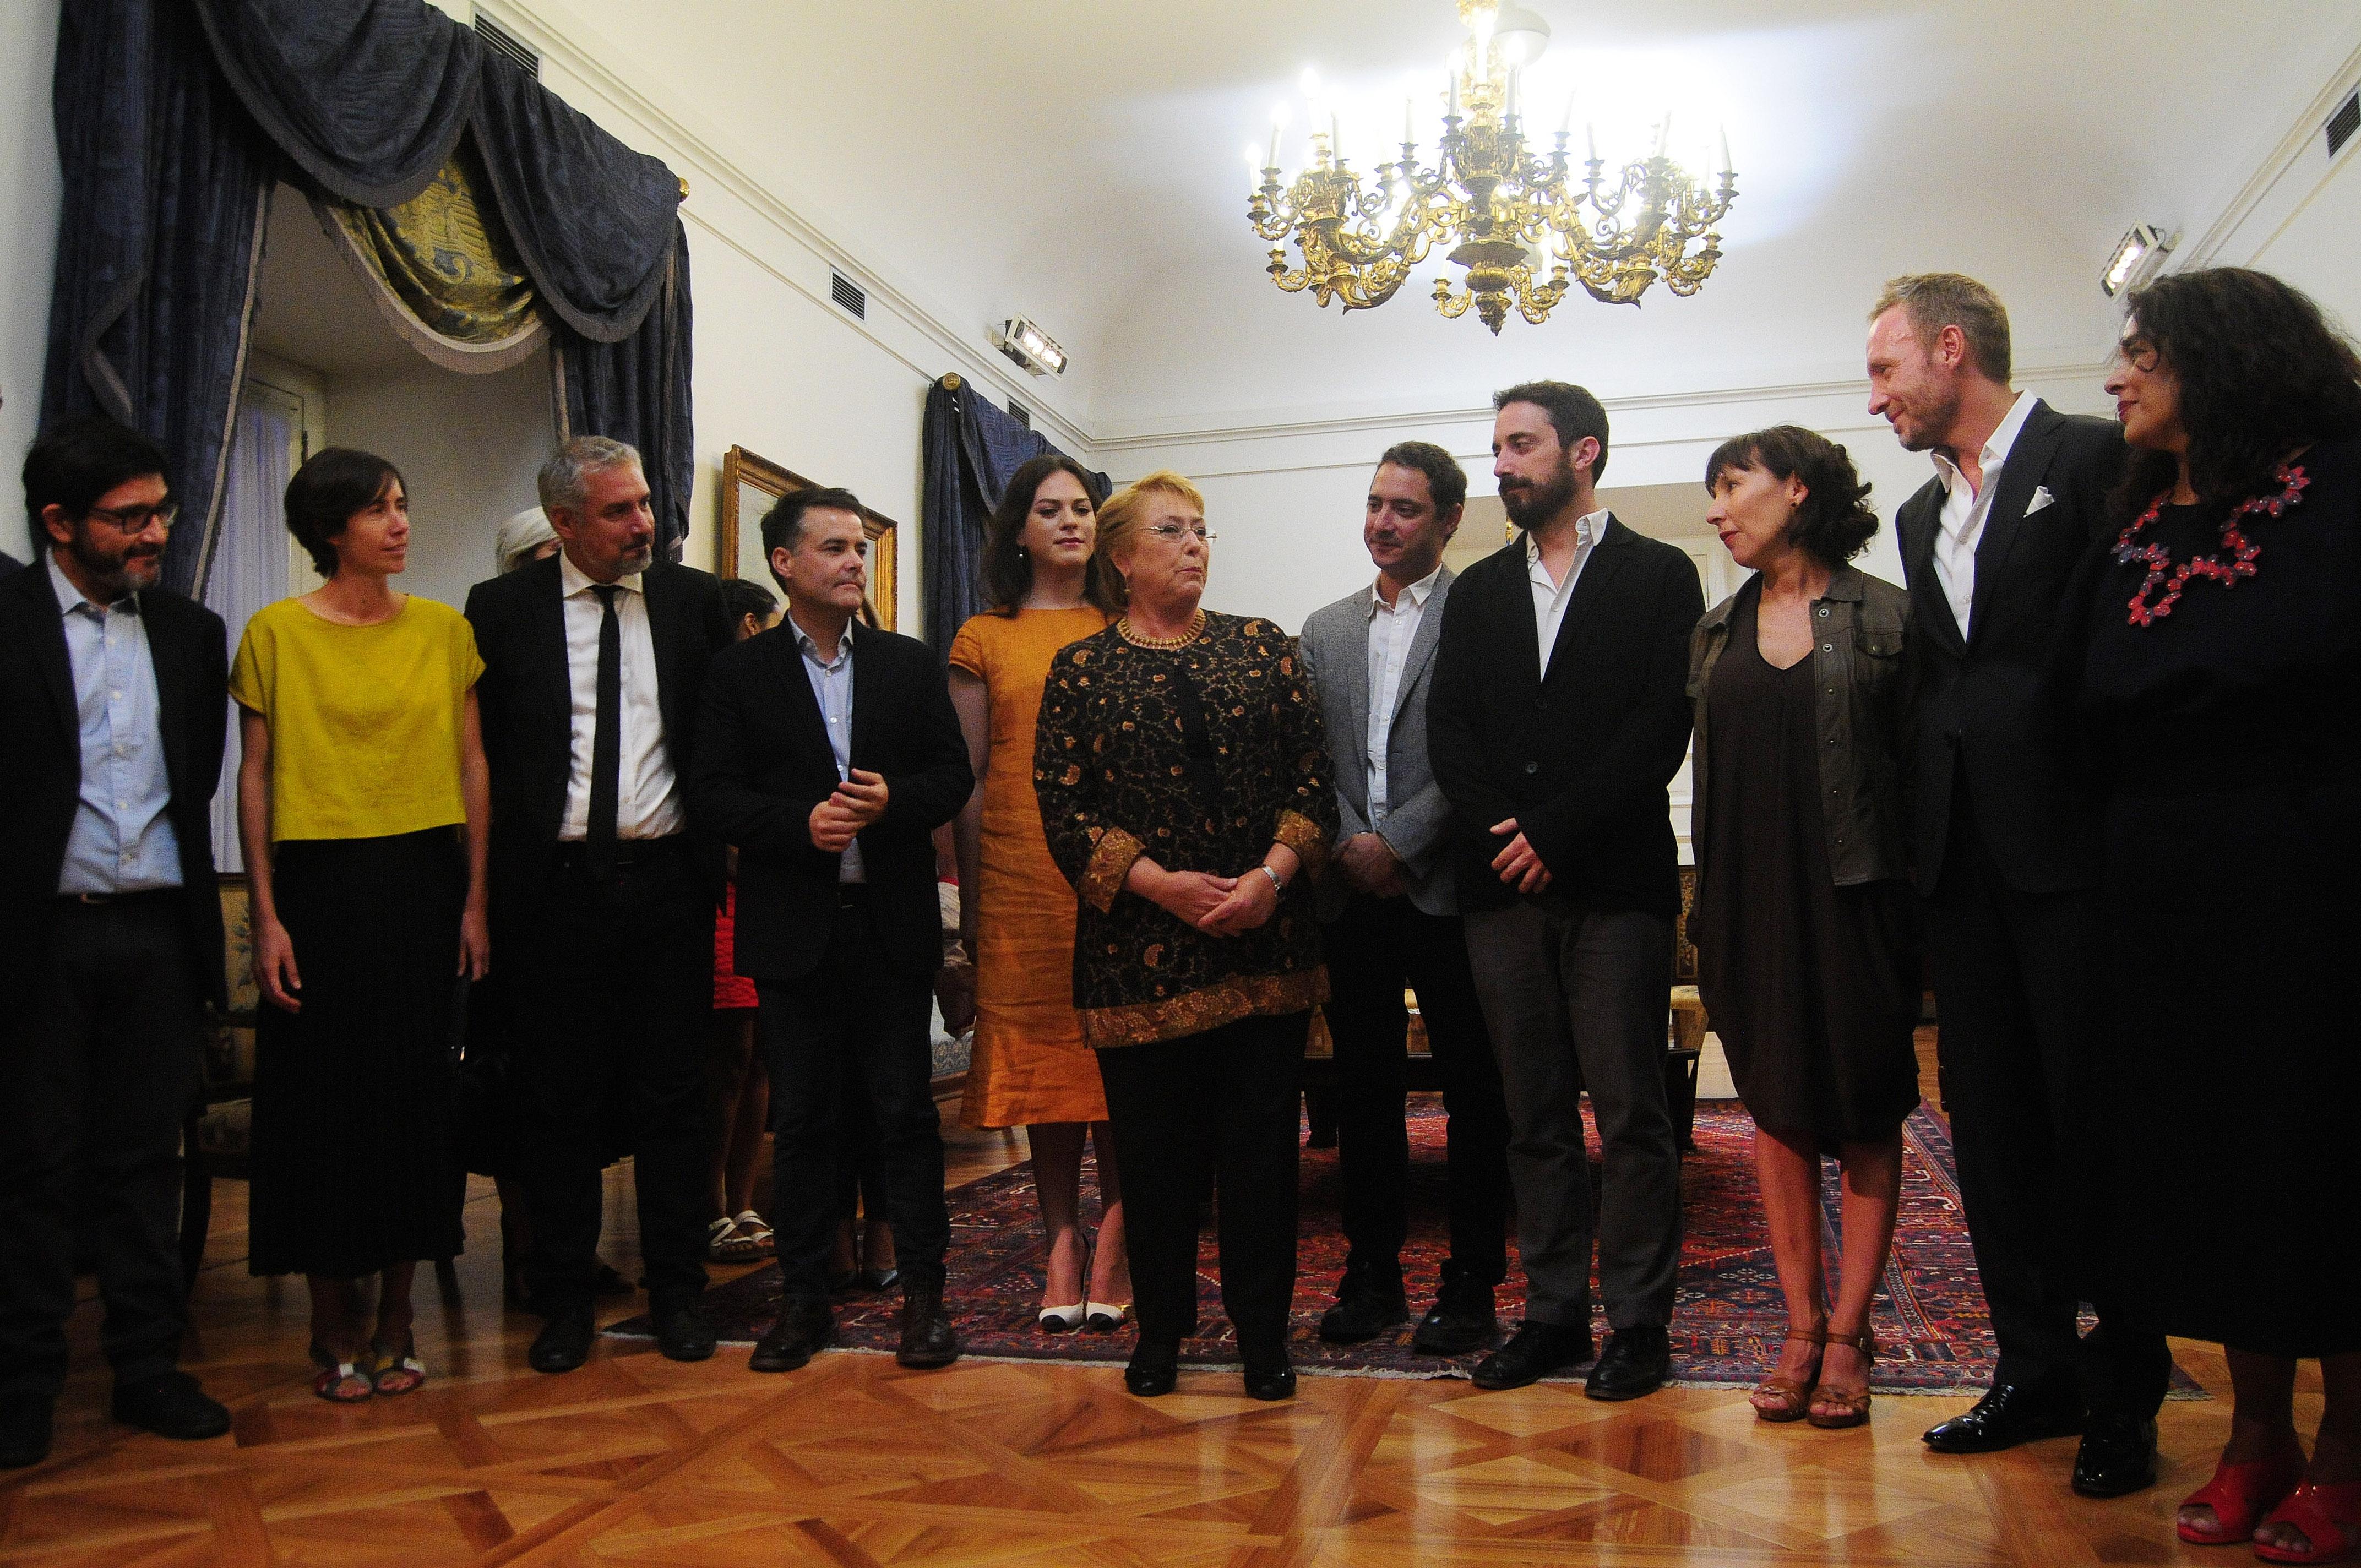 La broma de la Presidenta Michelle Bachelet al recibir el Oscar de